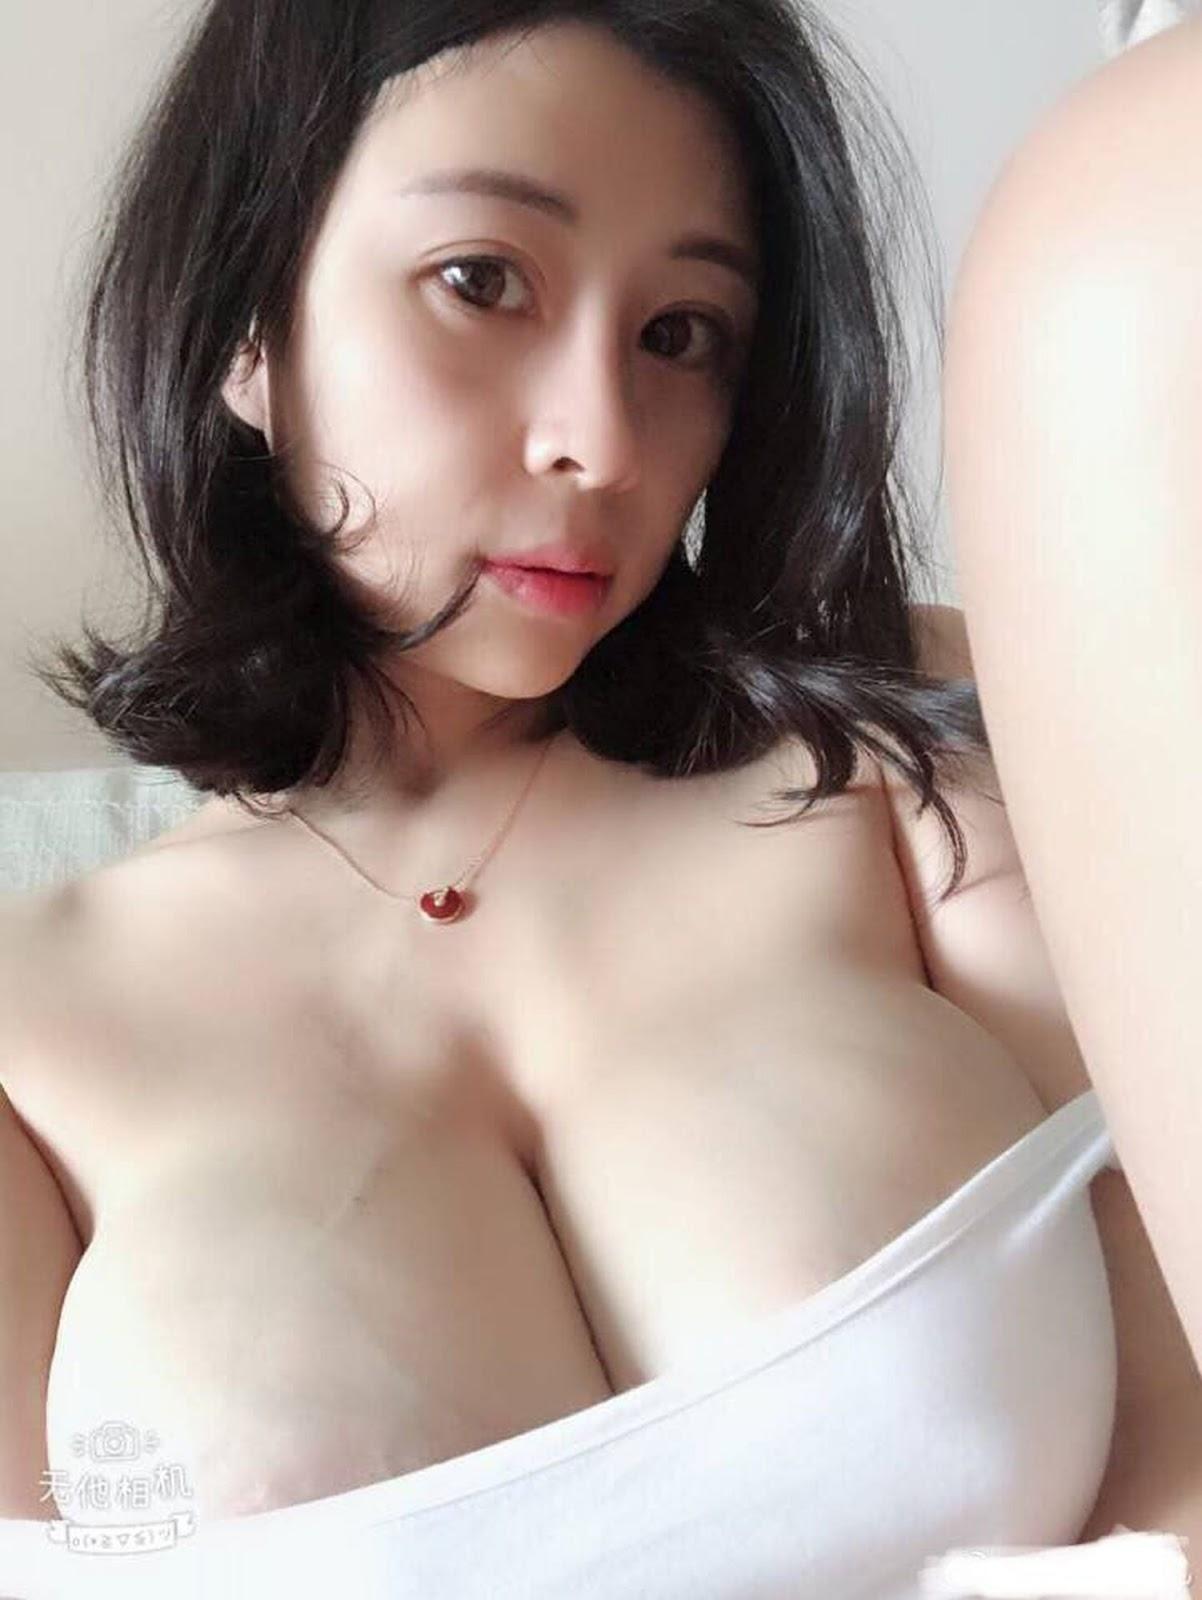 aHR0cHM6Ly93d3cubXlteXBpYy5uZXQvZGF0YS9hdHRhY2htZW50L2ZvcnVtLzIwMTkwOC8yMC8wODM0MDJmdmsxbGU5ZmtldDl3a2tvLmpwZy50aHVtYi5qcGc%253D - 成都瓶儿 - Chengdu Pinger big tits selfie nude 2020